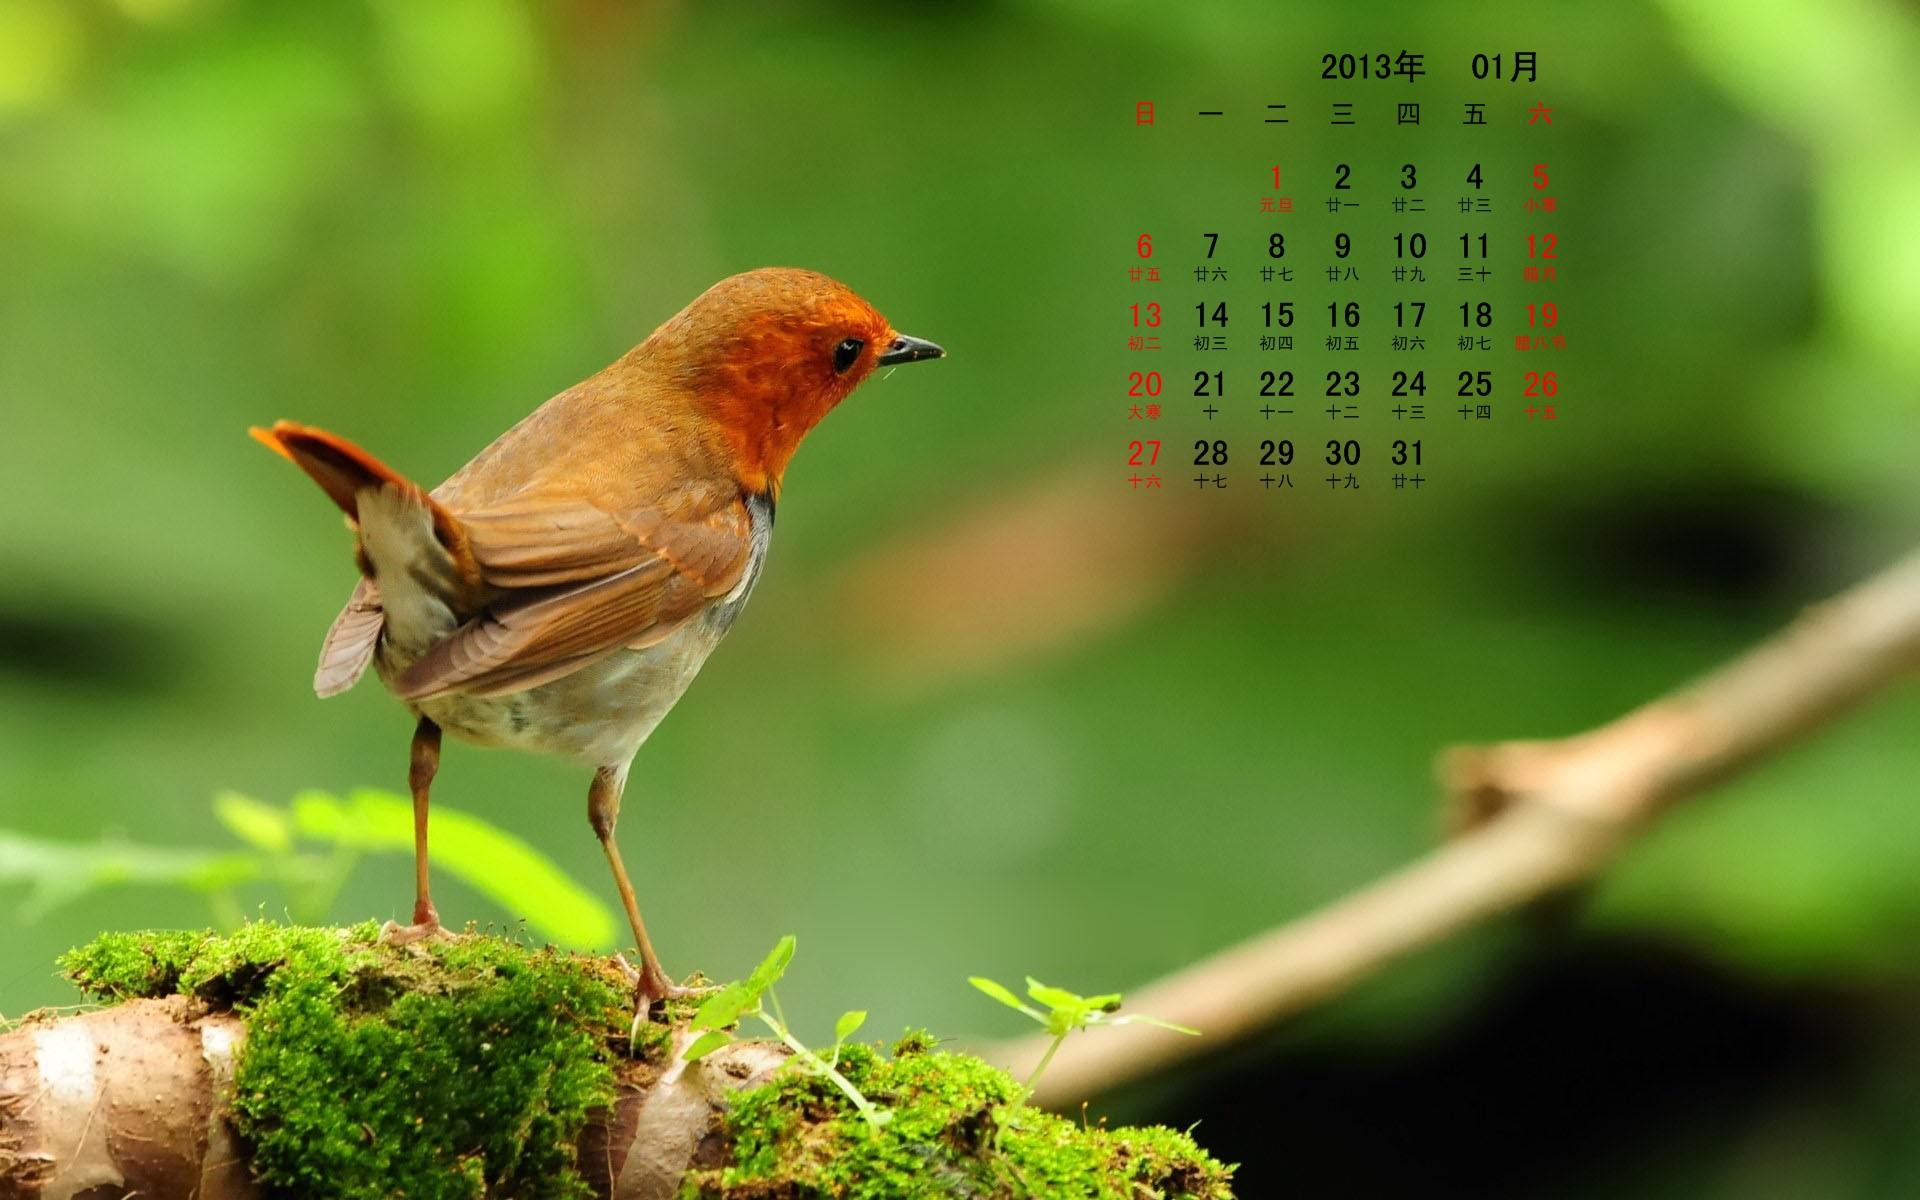 图片标题:2013年元月动植物月历(1920x1200)